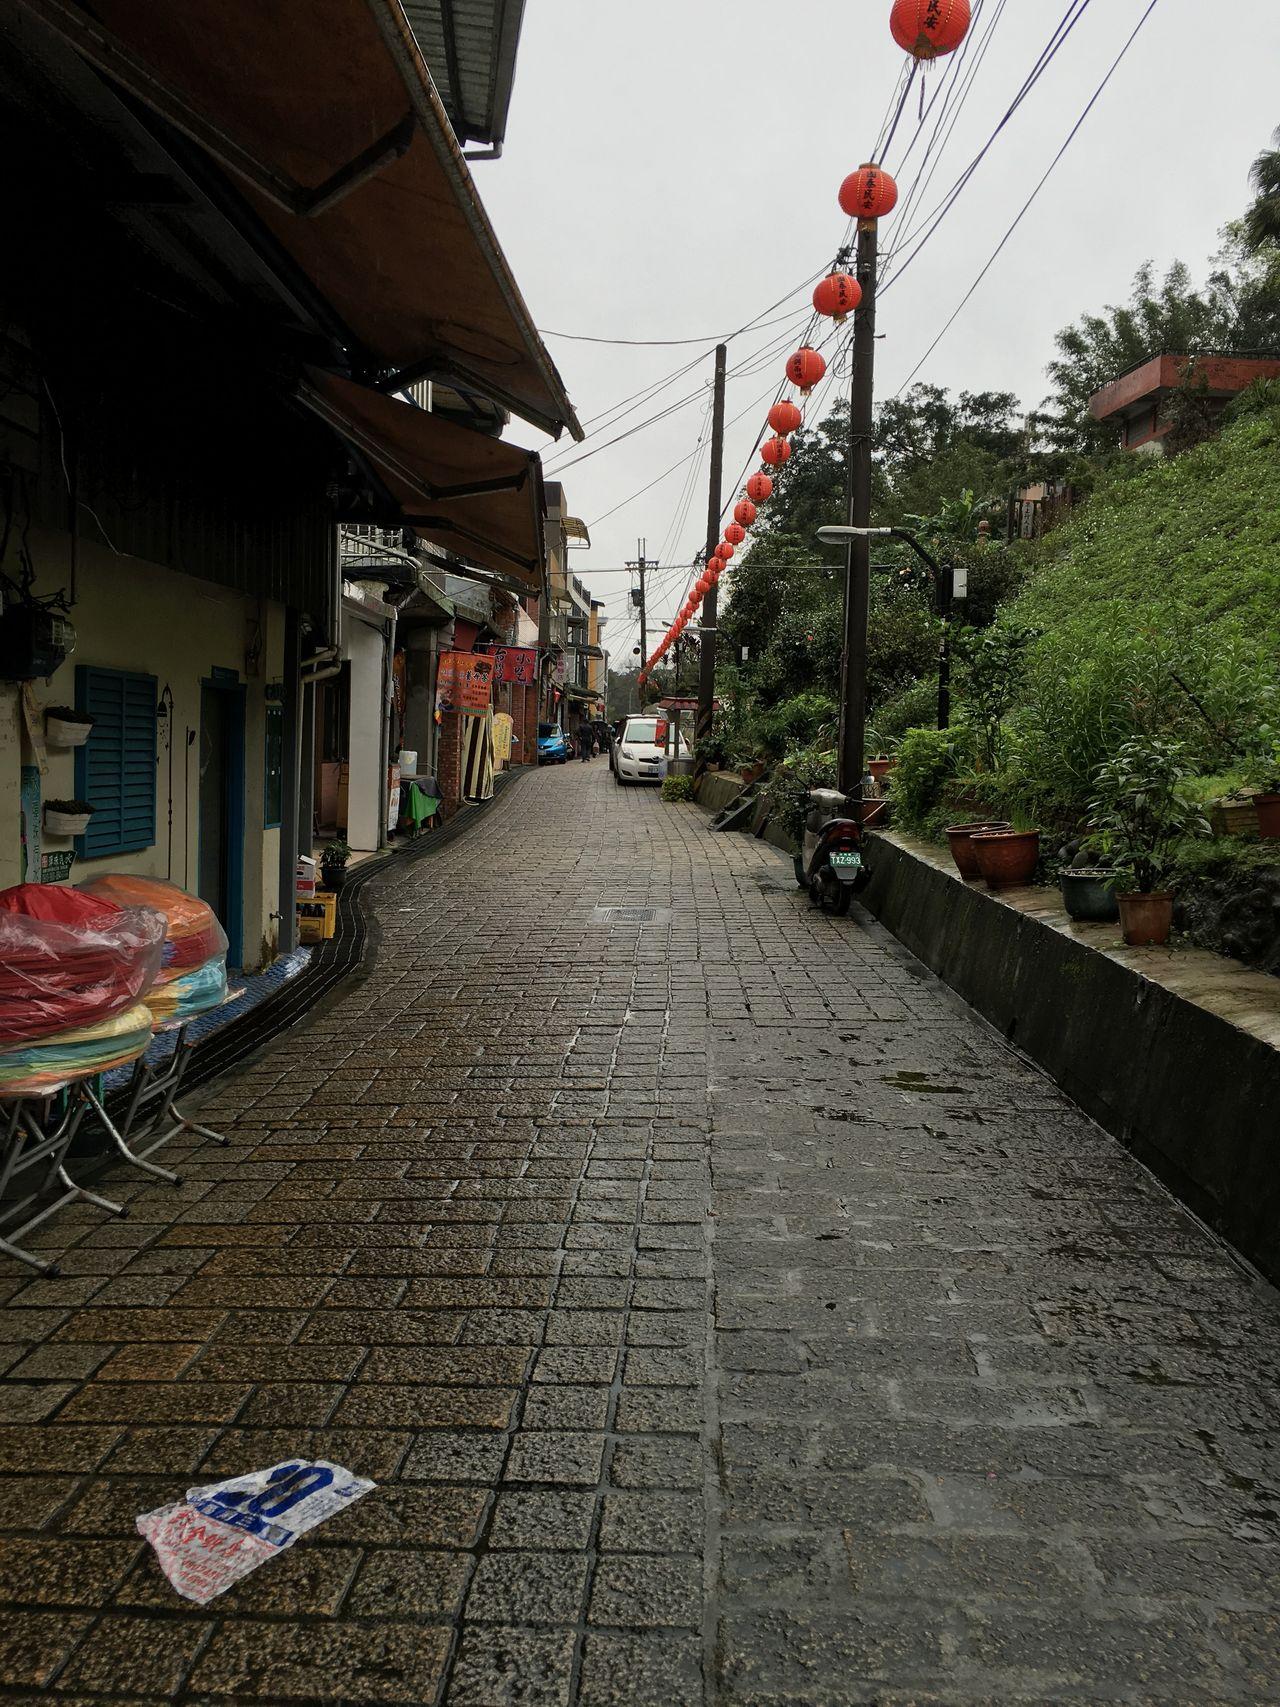 City City Life Empty Long Narrow Walkway